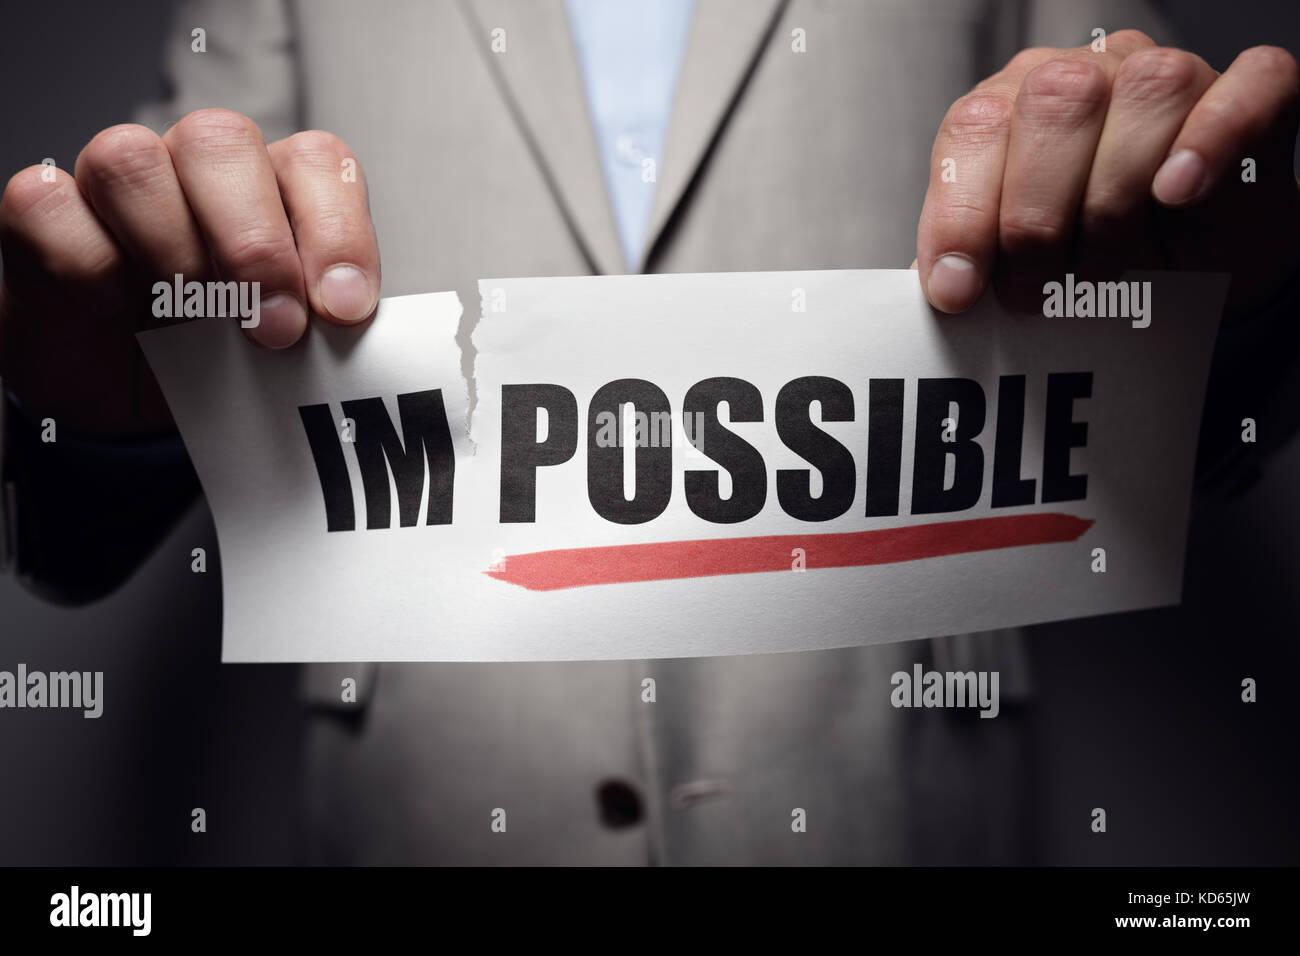 Imprenditore strappando la parola impossibile per rendere possibile un concetto per auto convinzione, atteggiamento Immagini Stock